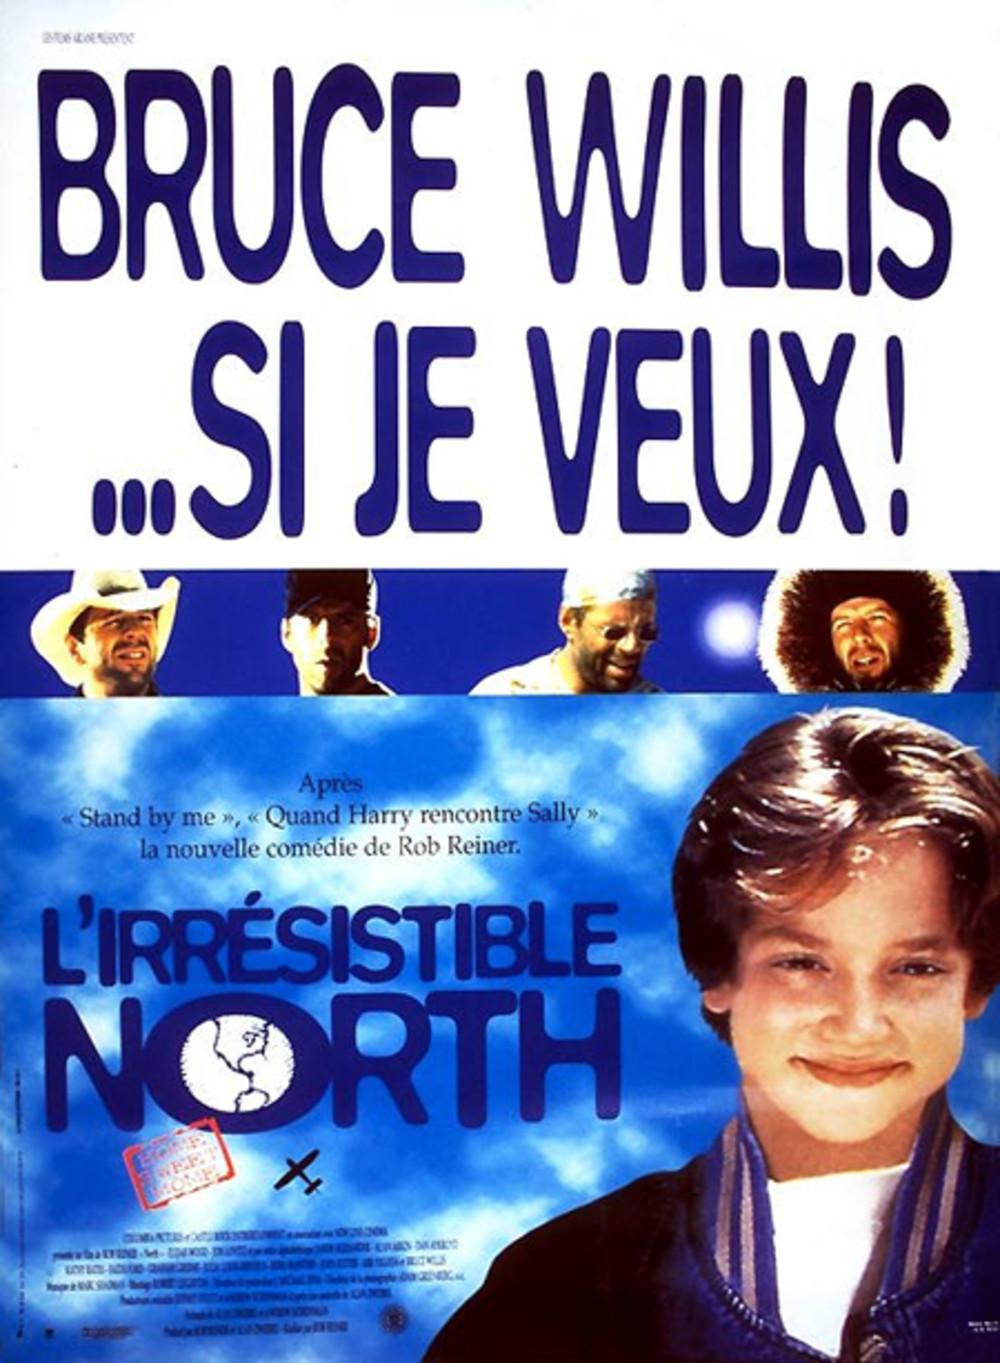 affiche du film L'irrésistible North